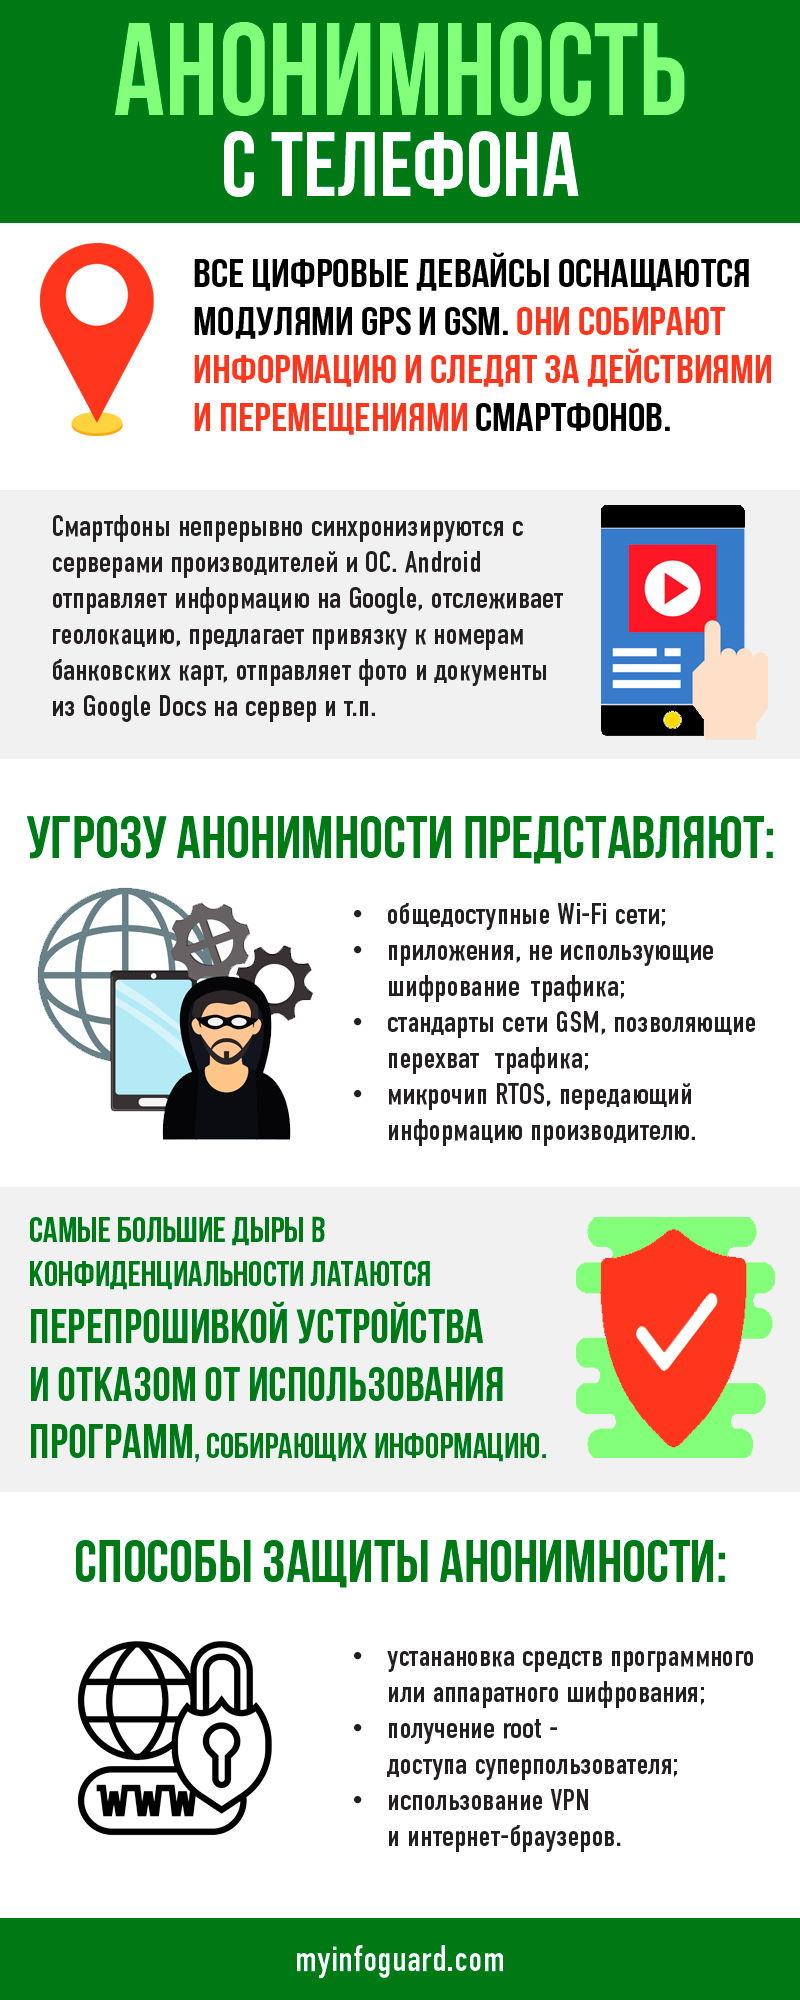 Как обеспечить приватность при выходе в Интернет с телефона